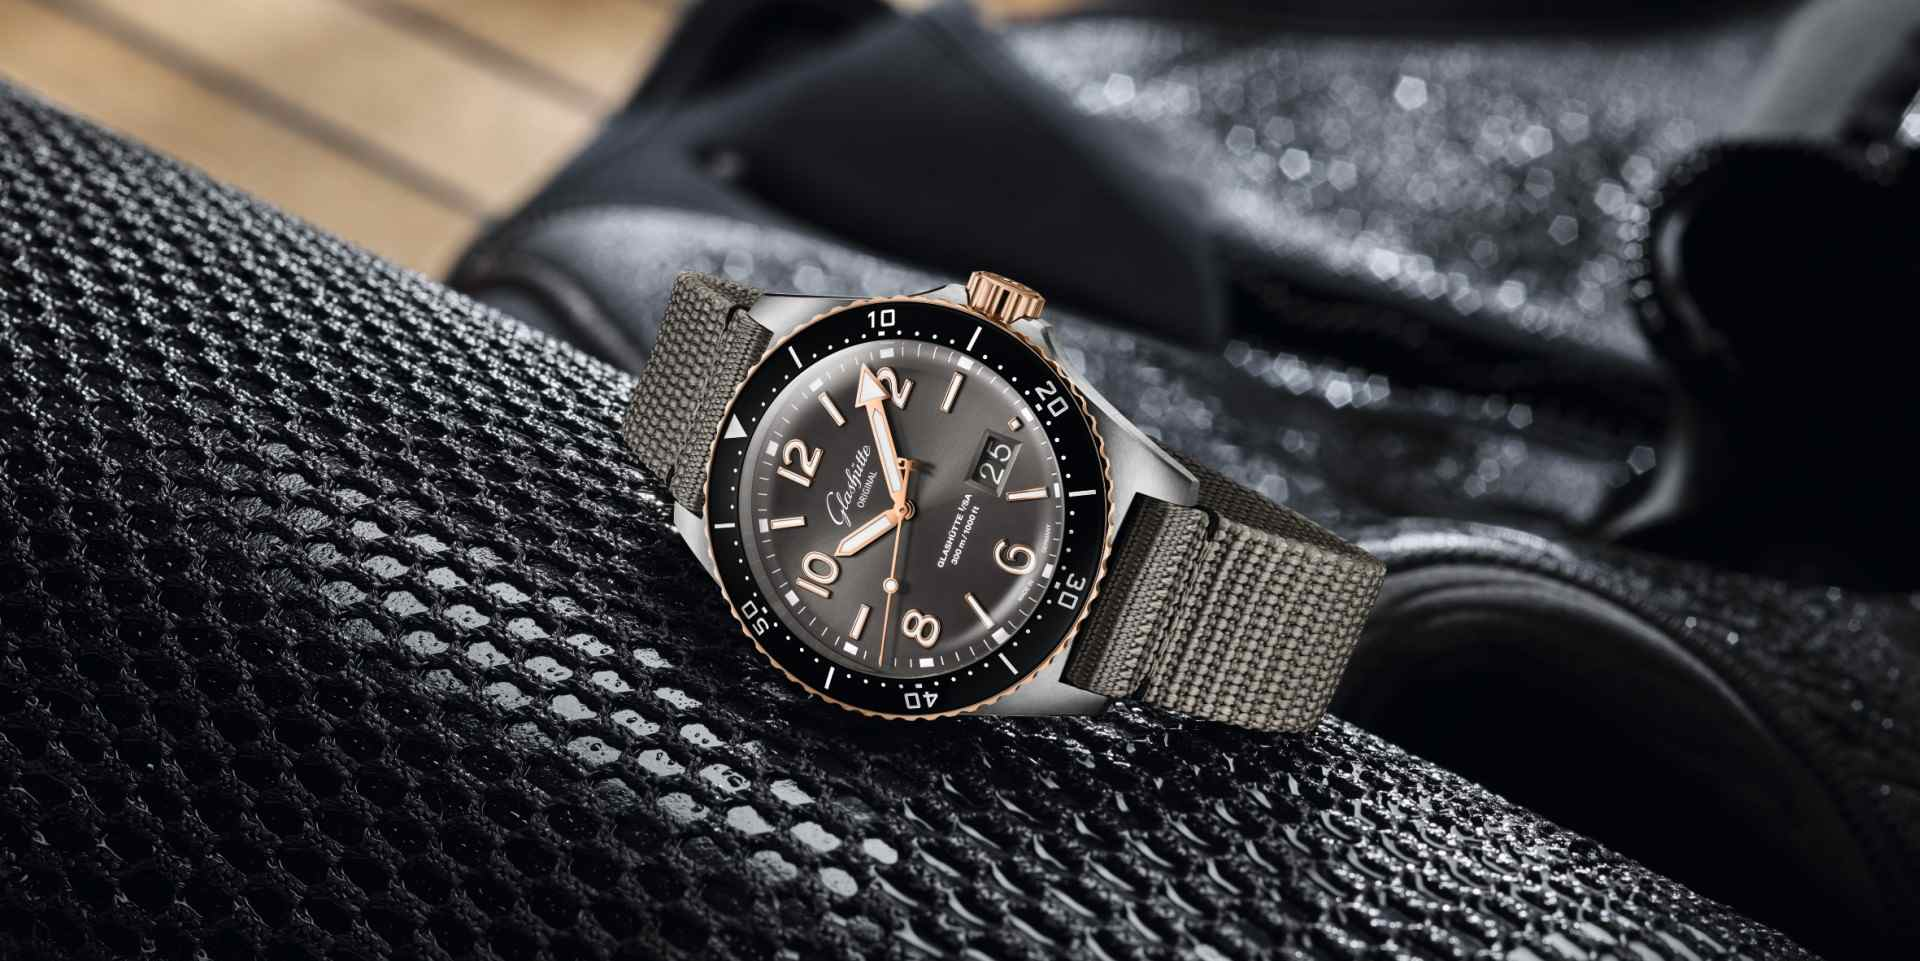 抓緊夏天的尾巴,格拉蘇蒂原創新版雙色SeaQ大日期潛水錶正式抵台